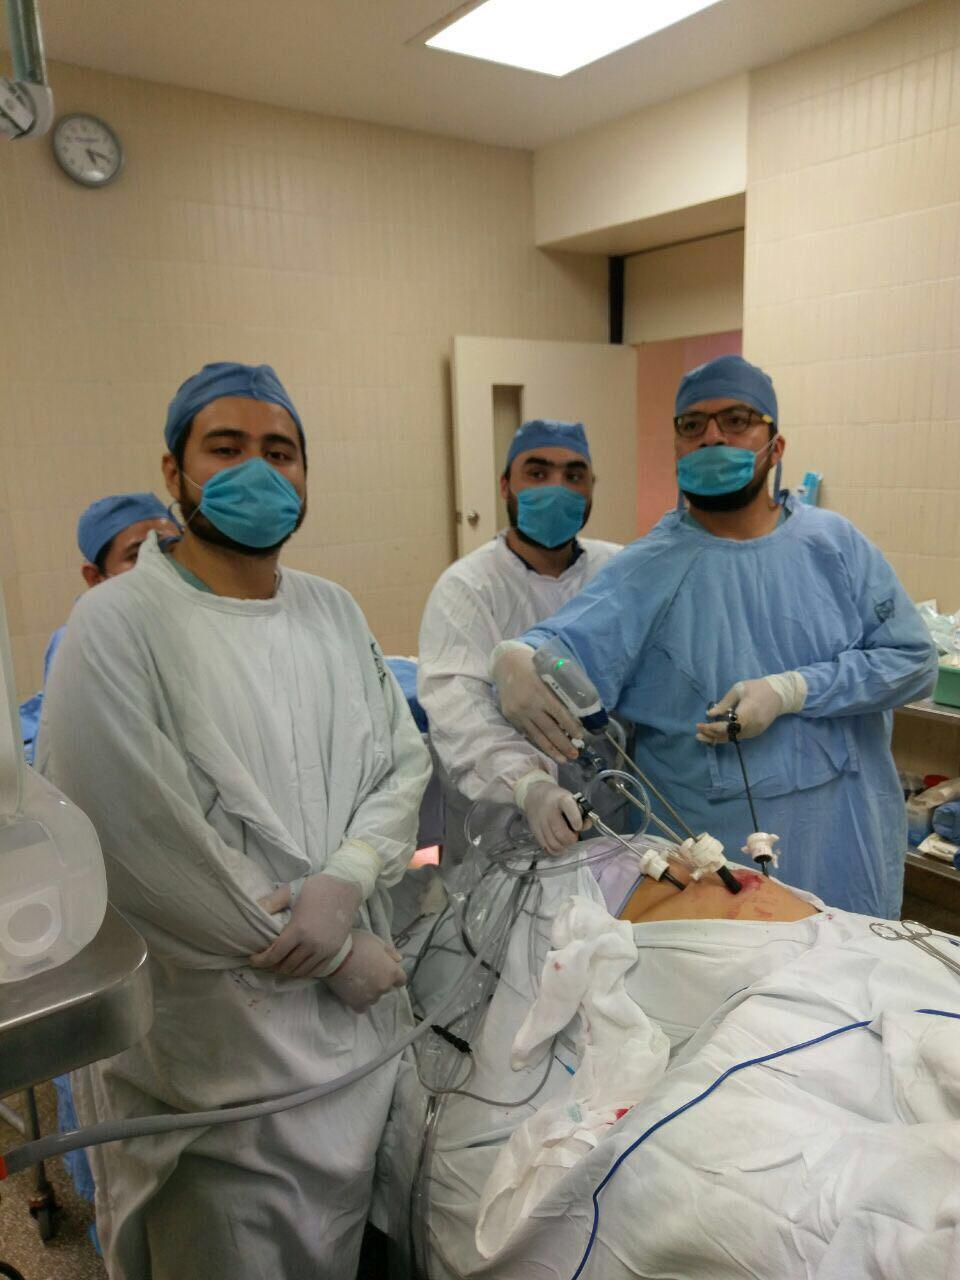 cirugía clásica de cáncer de próstata versus laparascopia